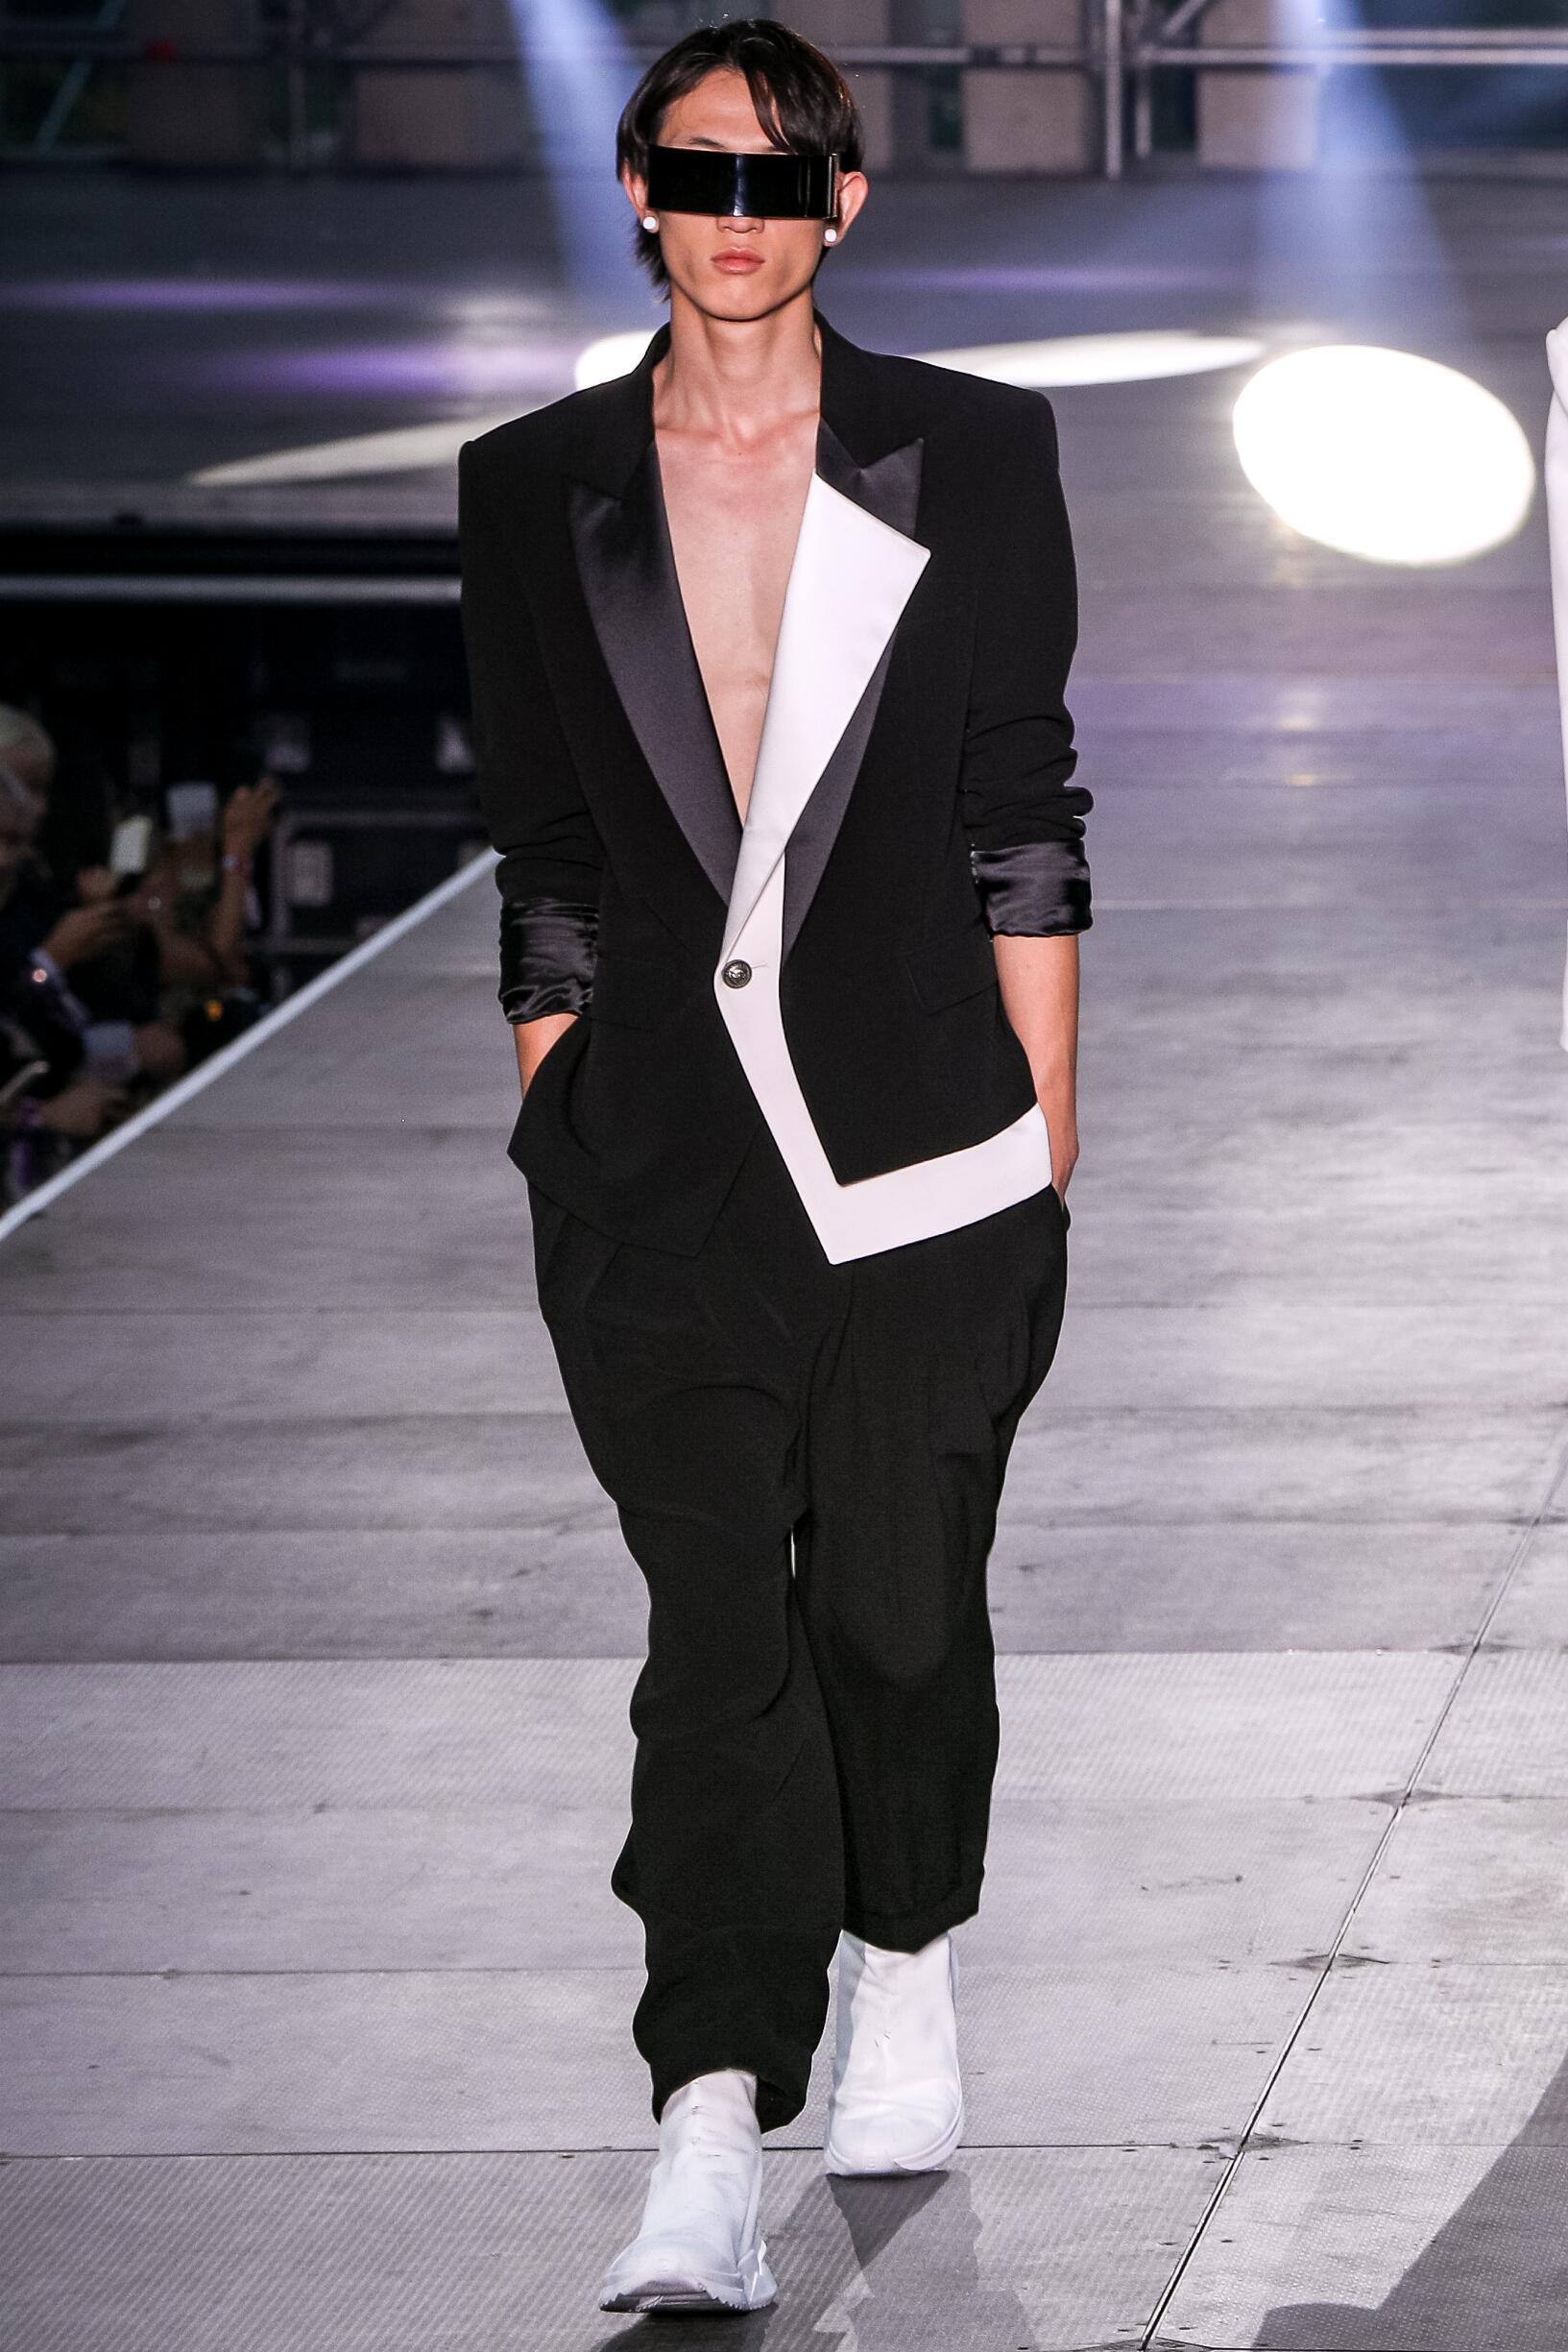 SS 2020 Balmain Show Paris Fashion Menswear